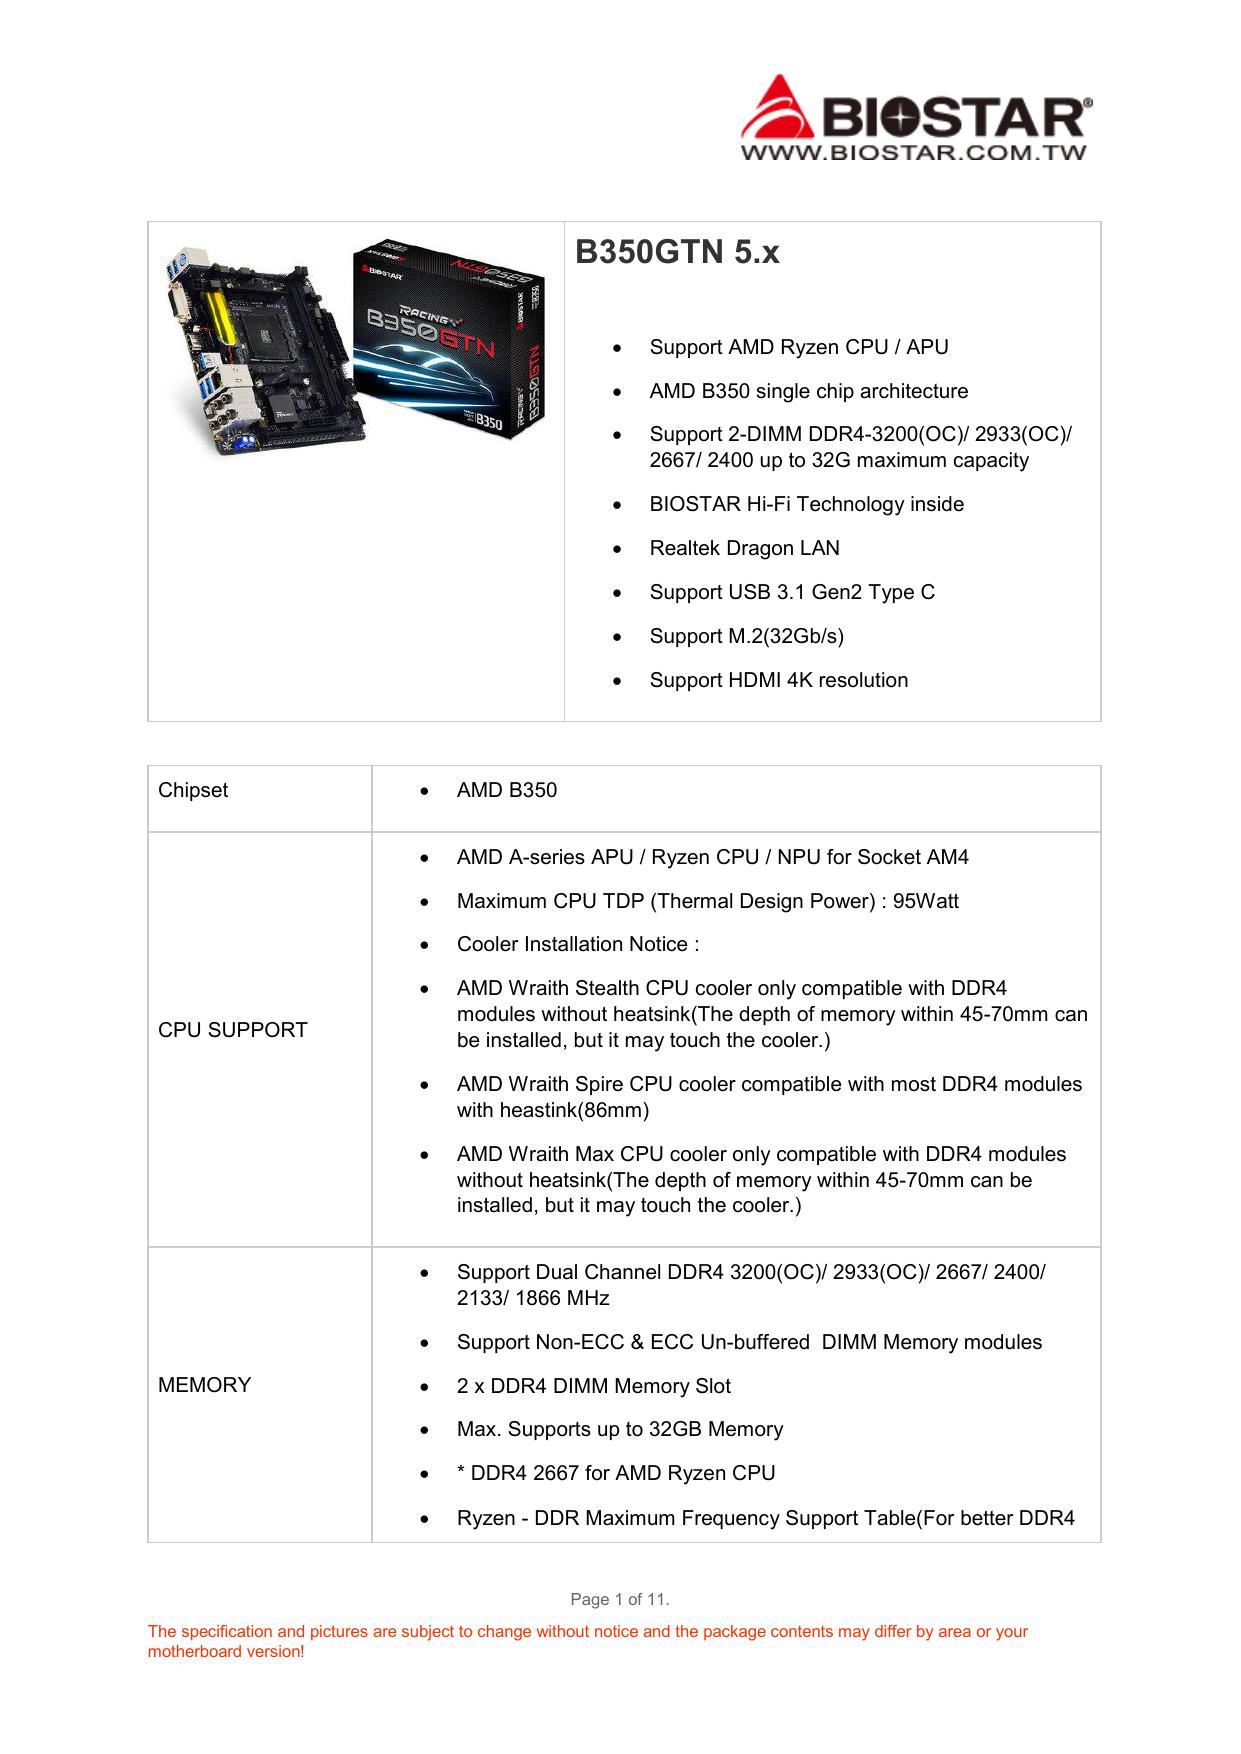 B350GTN 5 x - Micropoint SA | manualzz com